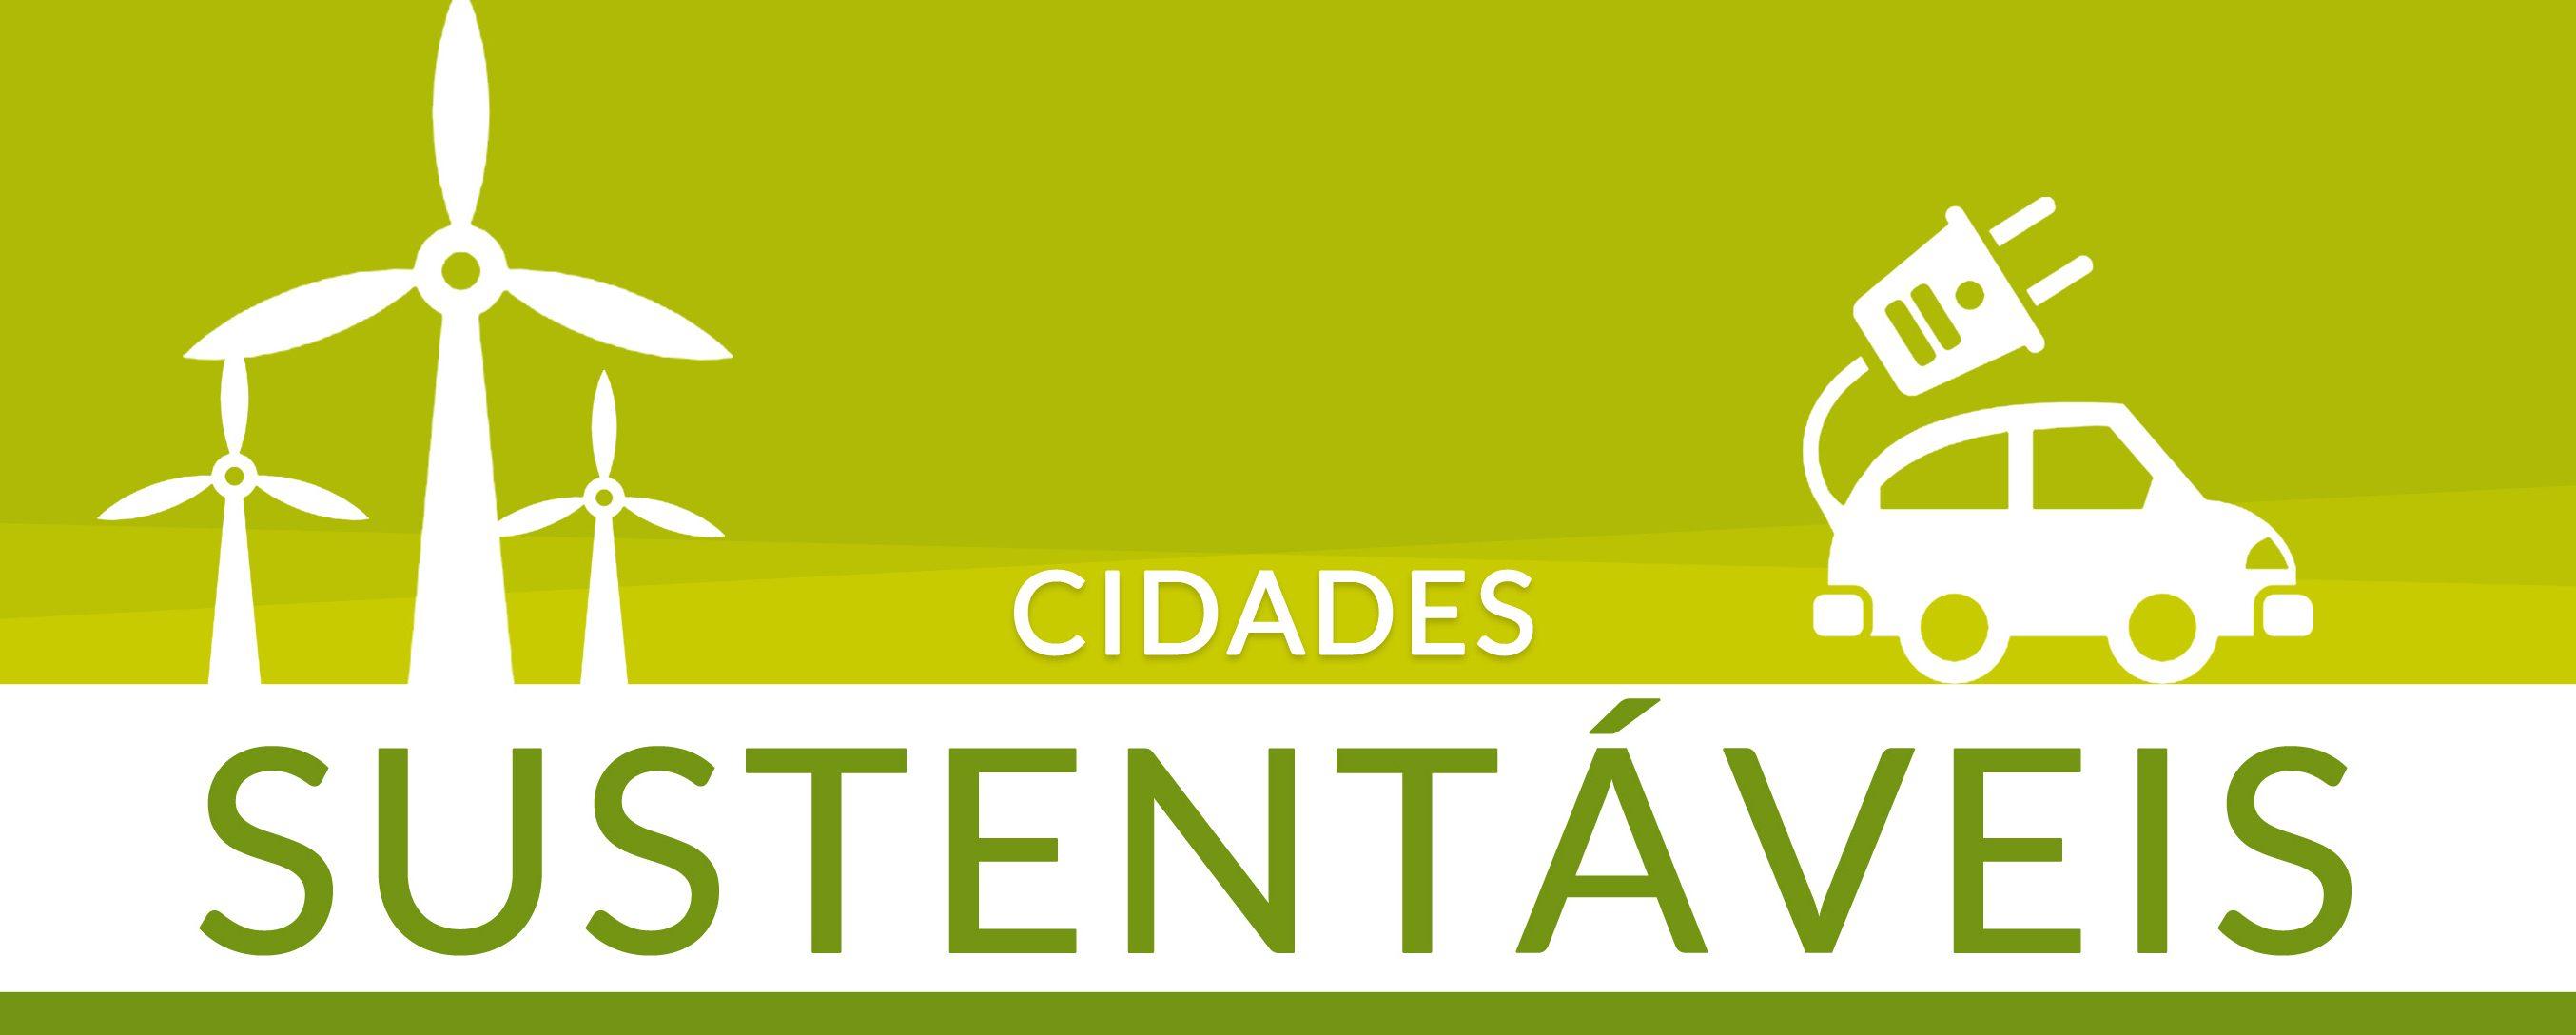 Cidades Sustentáveis - Brasil